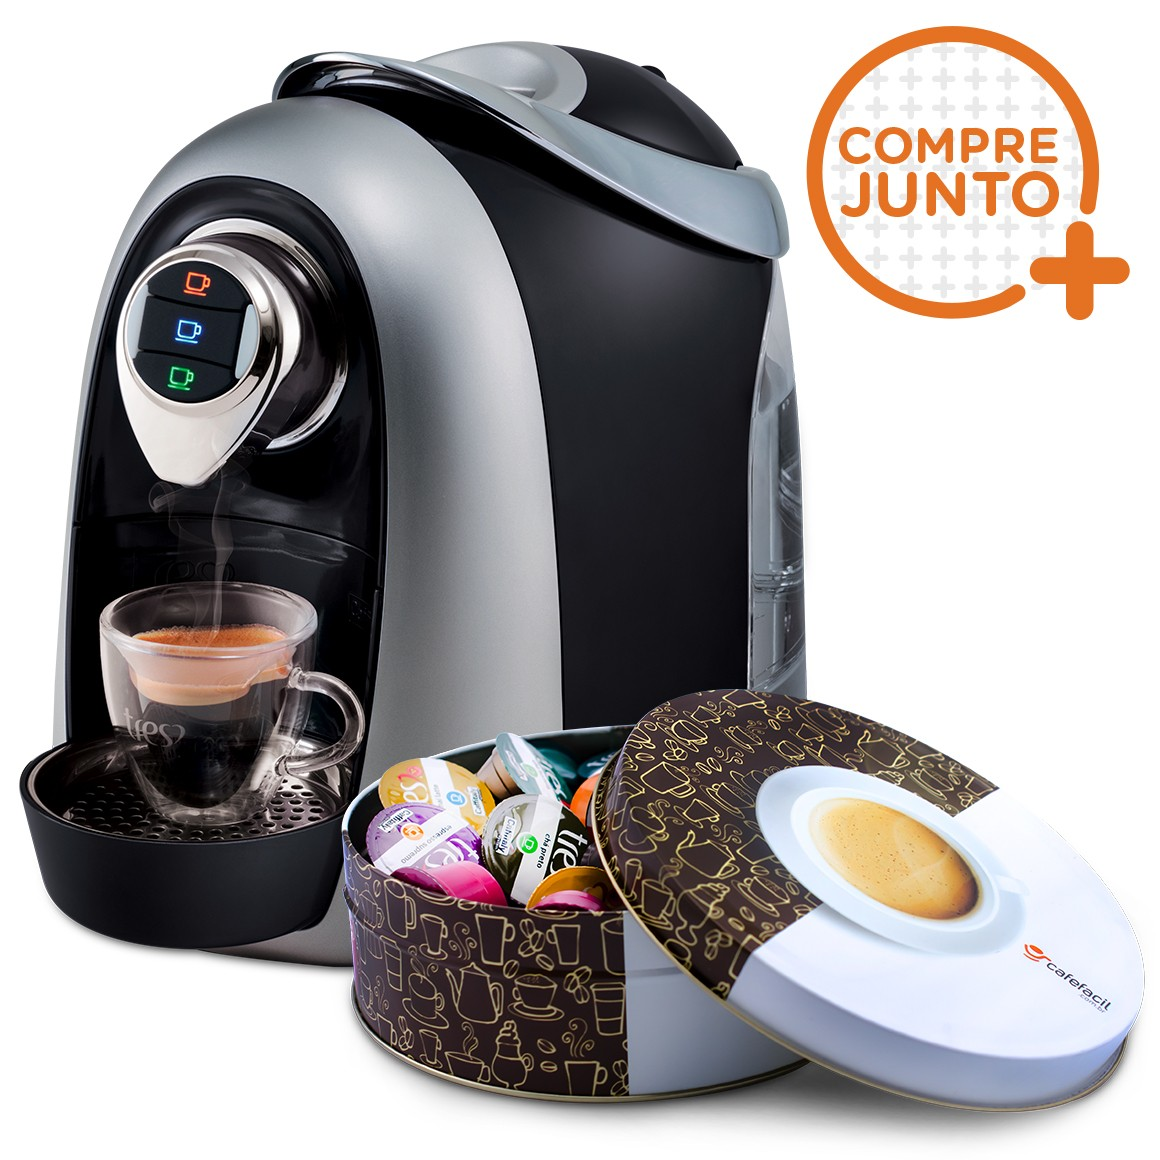 Cafeteira Três Cafeteira Expresso Três Corações Modo Preta 110v + LModo Preta 110v + Lata Café Fácil